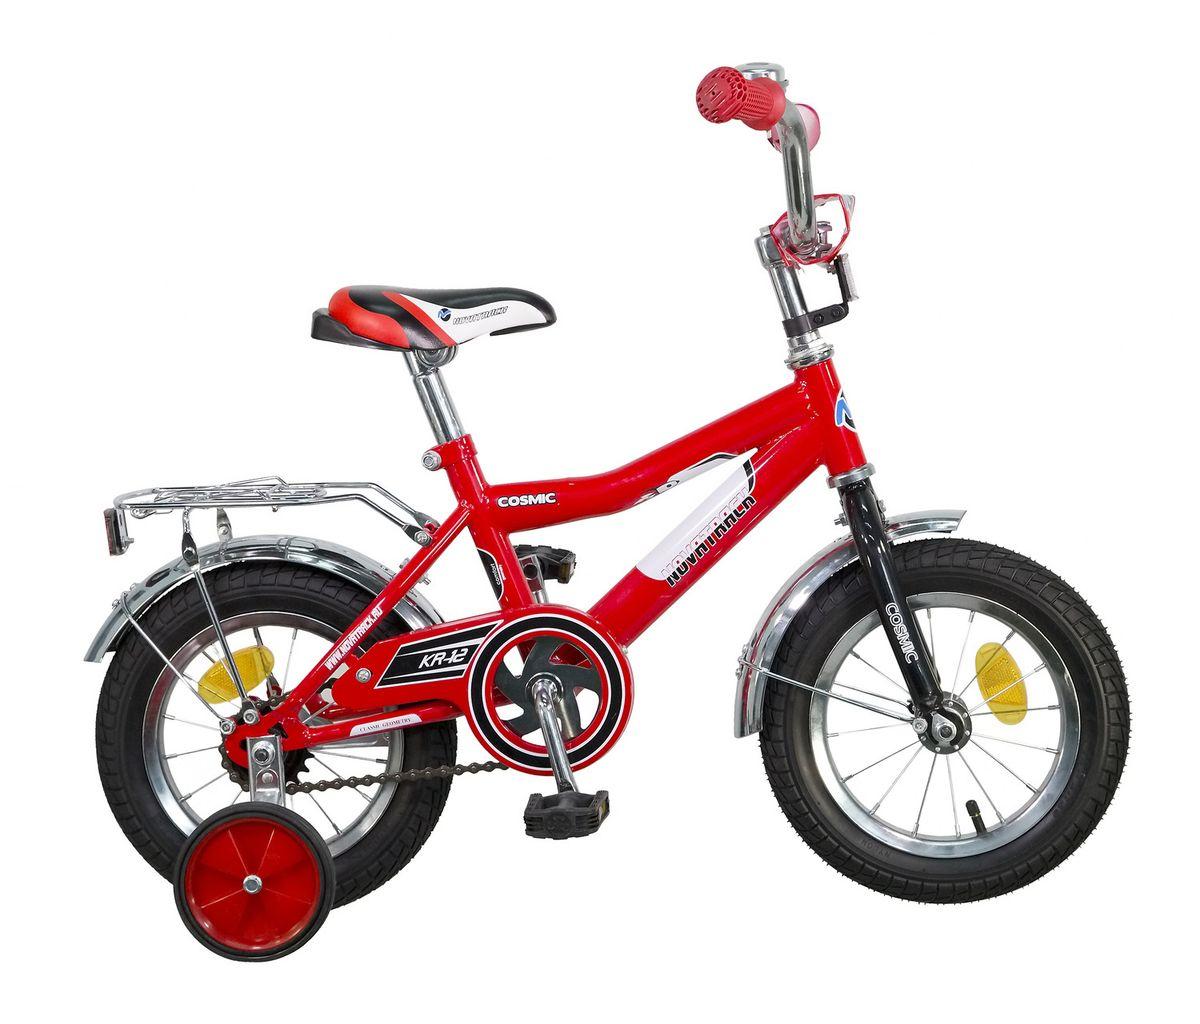 Велосипед детский Novatrack Cosmic, цвет: красный, белый, черный, 12ВН16093Велосипед Novatrack Cosmic – это абсолютно необходимая вещь для детей 2-4 лет. В этом возрасте у ребят очень большой уровень энергии, которую необходимо выплескивать с пользой для организма, да и кто же по доброй воле откажется от велосипеда, тем более такого! Велосипед полностью укомплектован и обязательно понравится маленькому велосипедисту. Рама у велосипеда – стальная и очень прочная. Сиденье и руль регулируются по высоте и надежно фиксируются. Ножной задний тормоз не подведет ни на спуске, ни при экстренном торможении. В целях безопасности велосипед оснащен ограничителем руля, который убережет велосипед от опрокидывания при резком повороте. Дополнительную устойчивость железному коню обеспечивают два маленьких съемных колеса в цвет велосипеда. Не останутся незамеченными накладка на руль, яркие отражатели-катафоты, стильный звонок, защитный кожух для цепи, хромированный багажник, а также крылья, которые защитят от грязи и брызг.